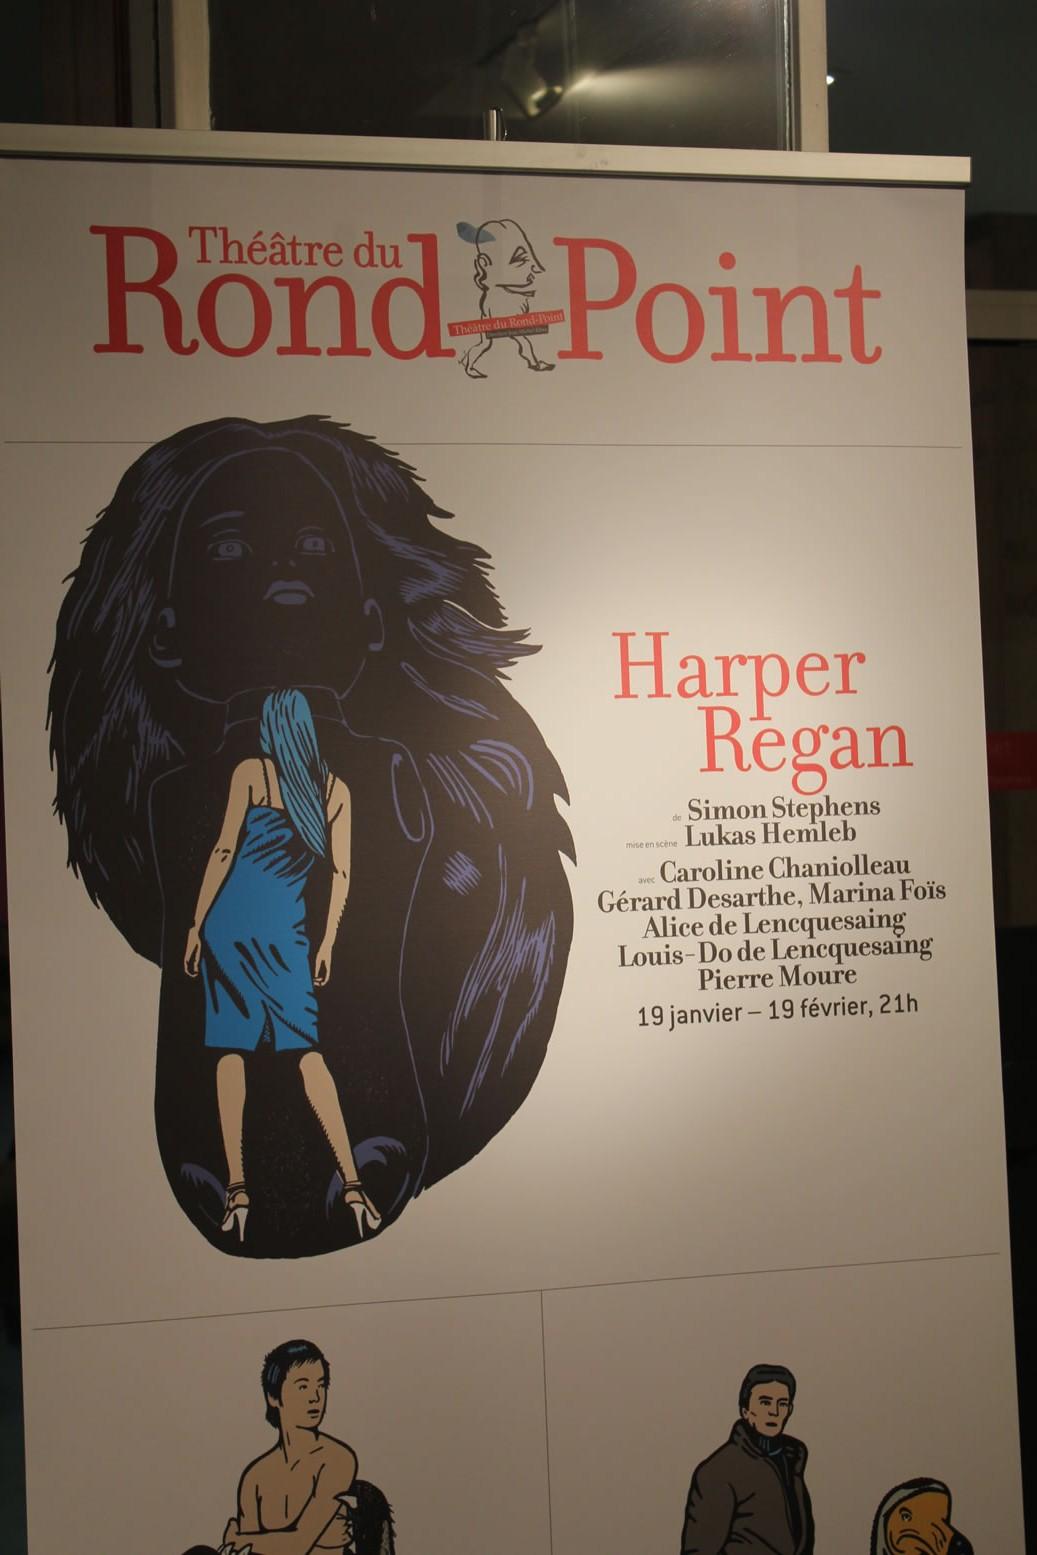 Communiqué du BNVCA : plainte contre le théâtre du Rond Point